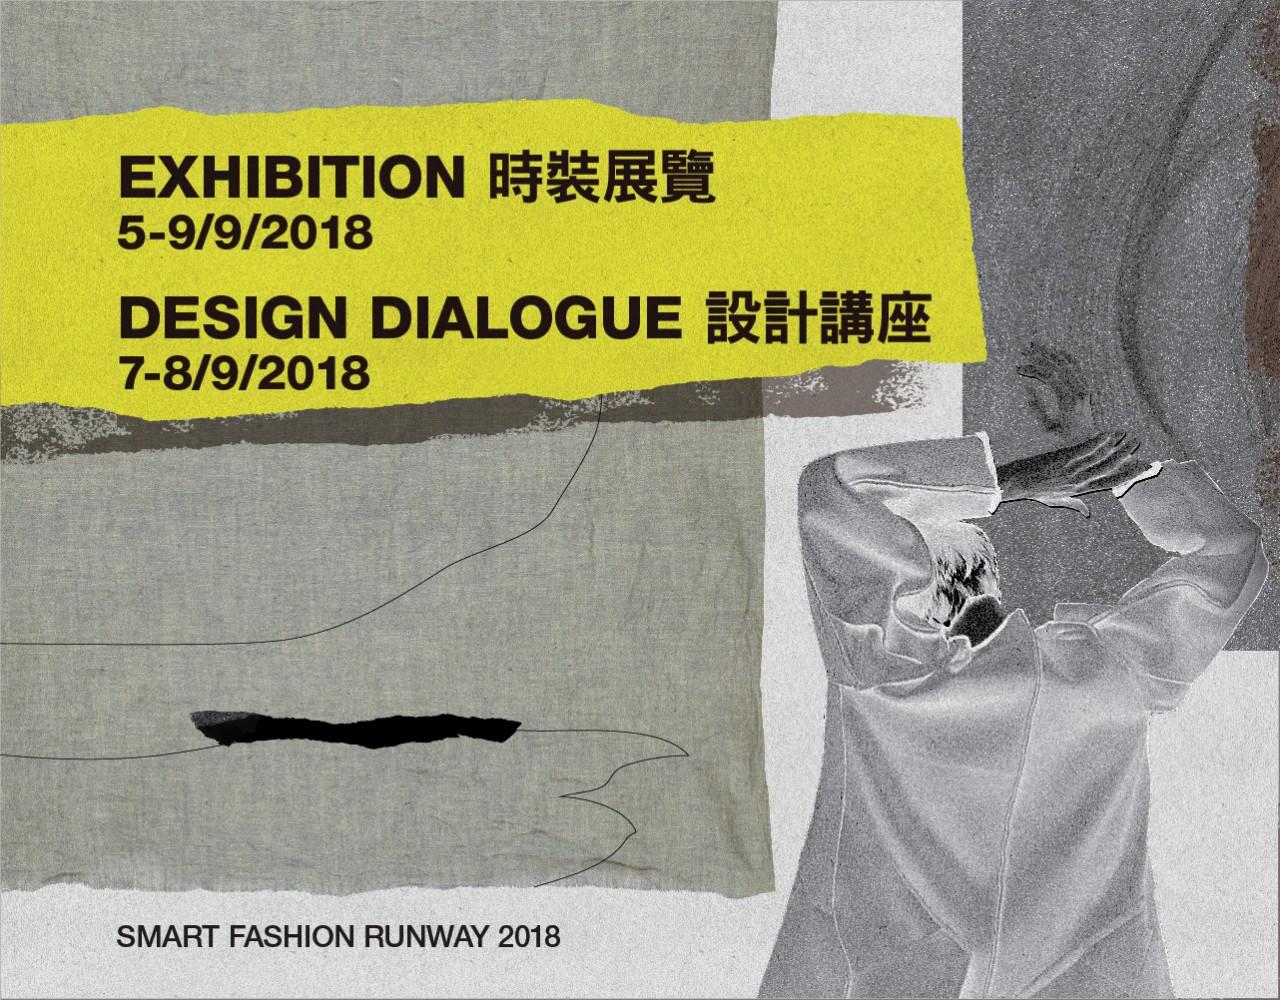 Exhibition & Design Dialogues